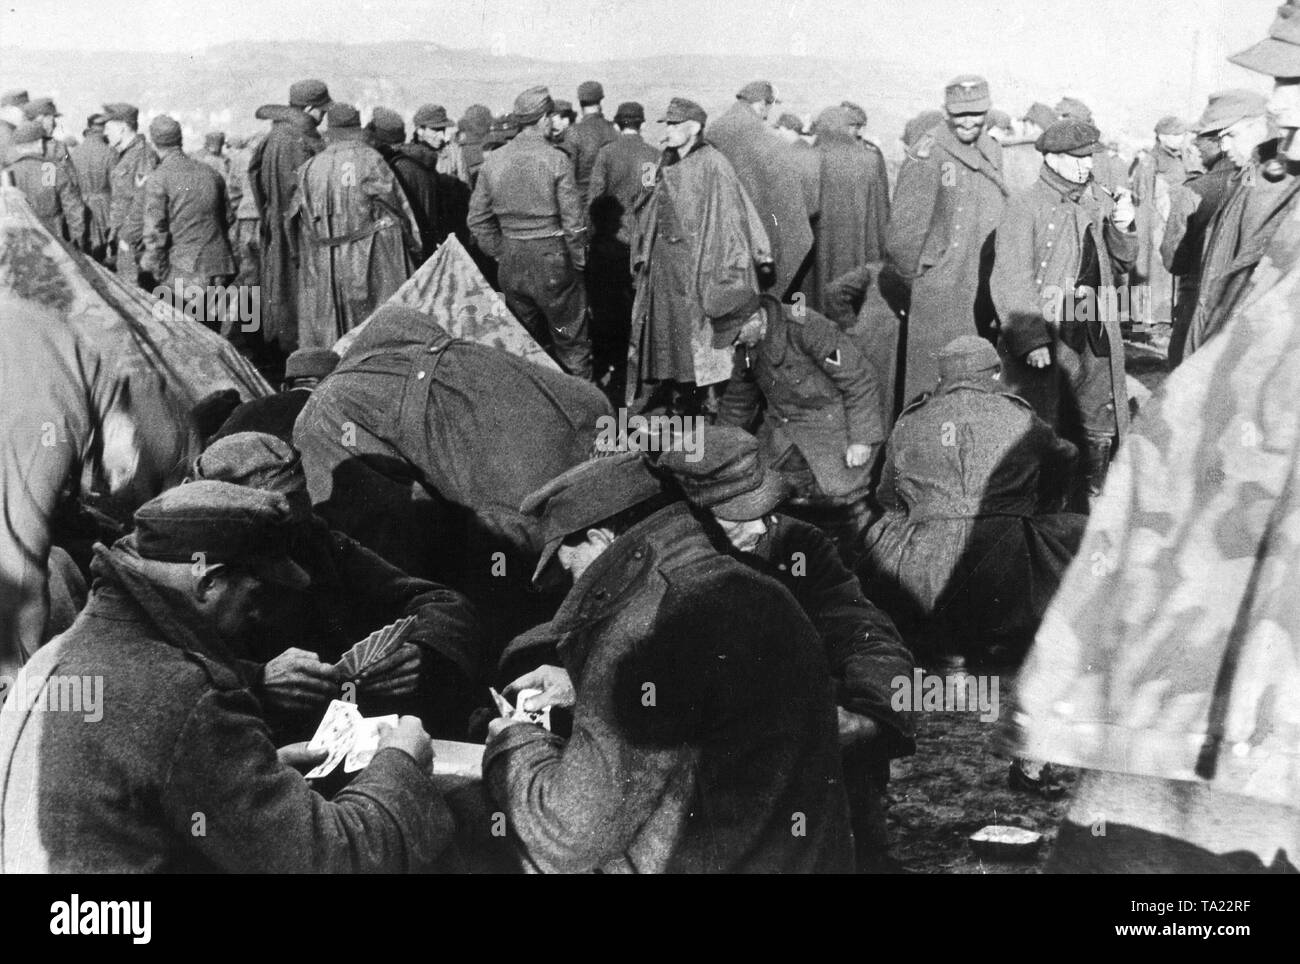 Los soldados alemanes en un campamento de prisioneros de guerra aliados, 1945, (fotografía en B/N) Imagen De Stock